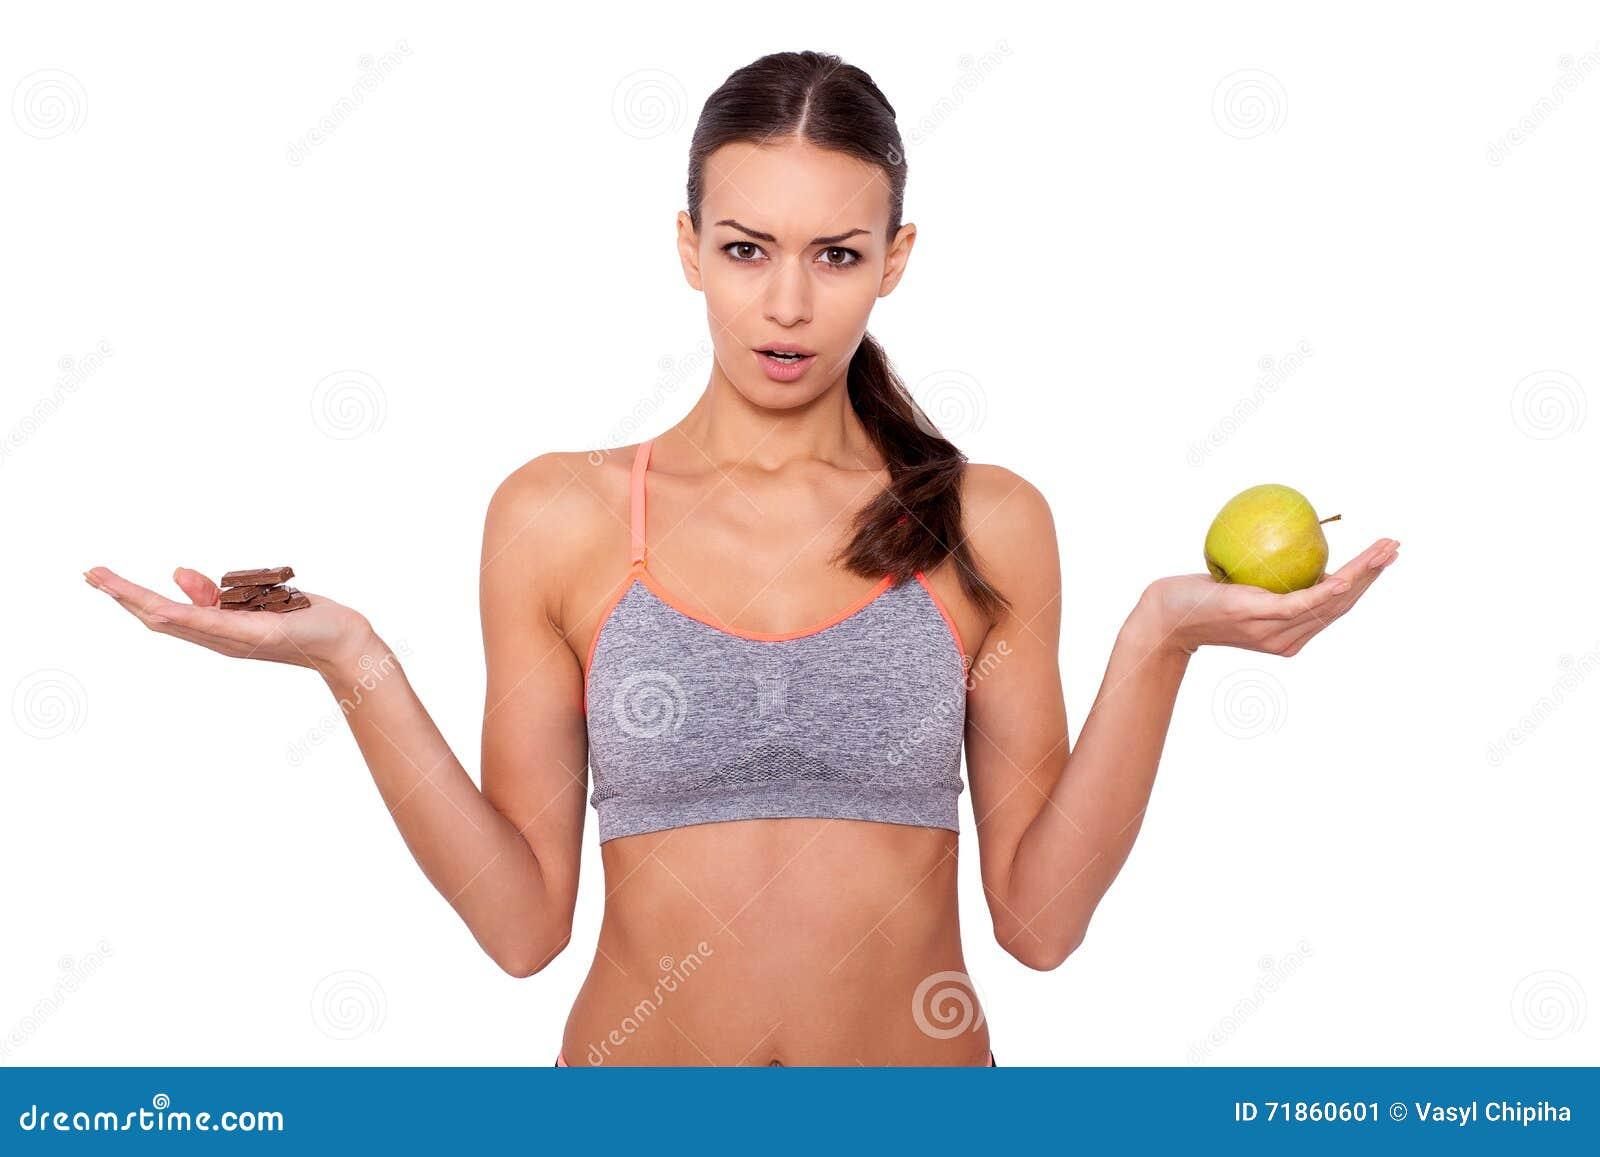 Es una opción fácil ¡siempre triunfos sanos!